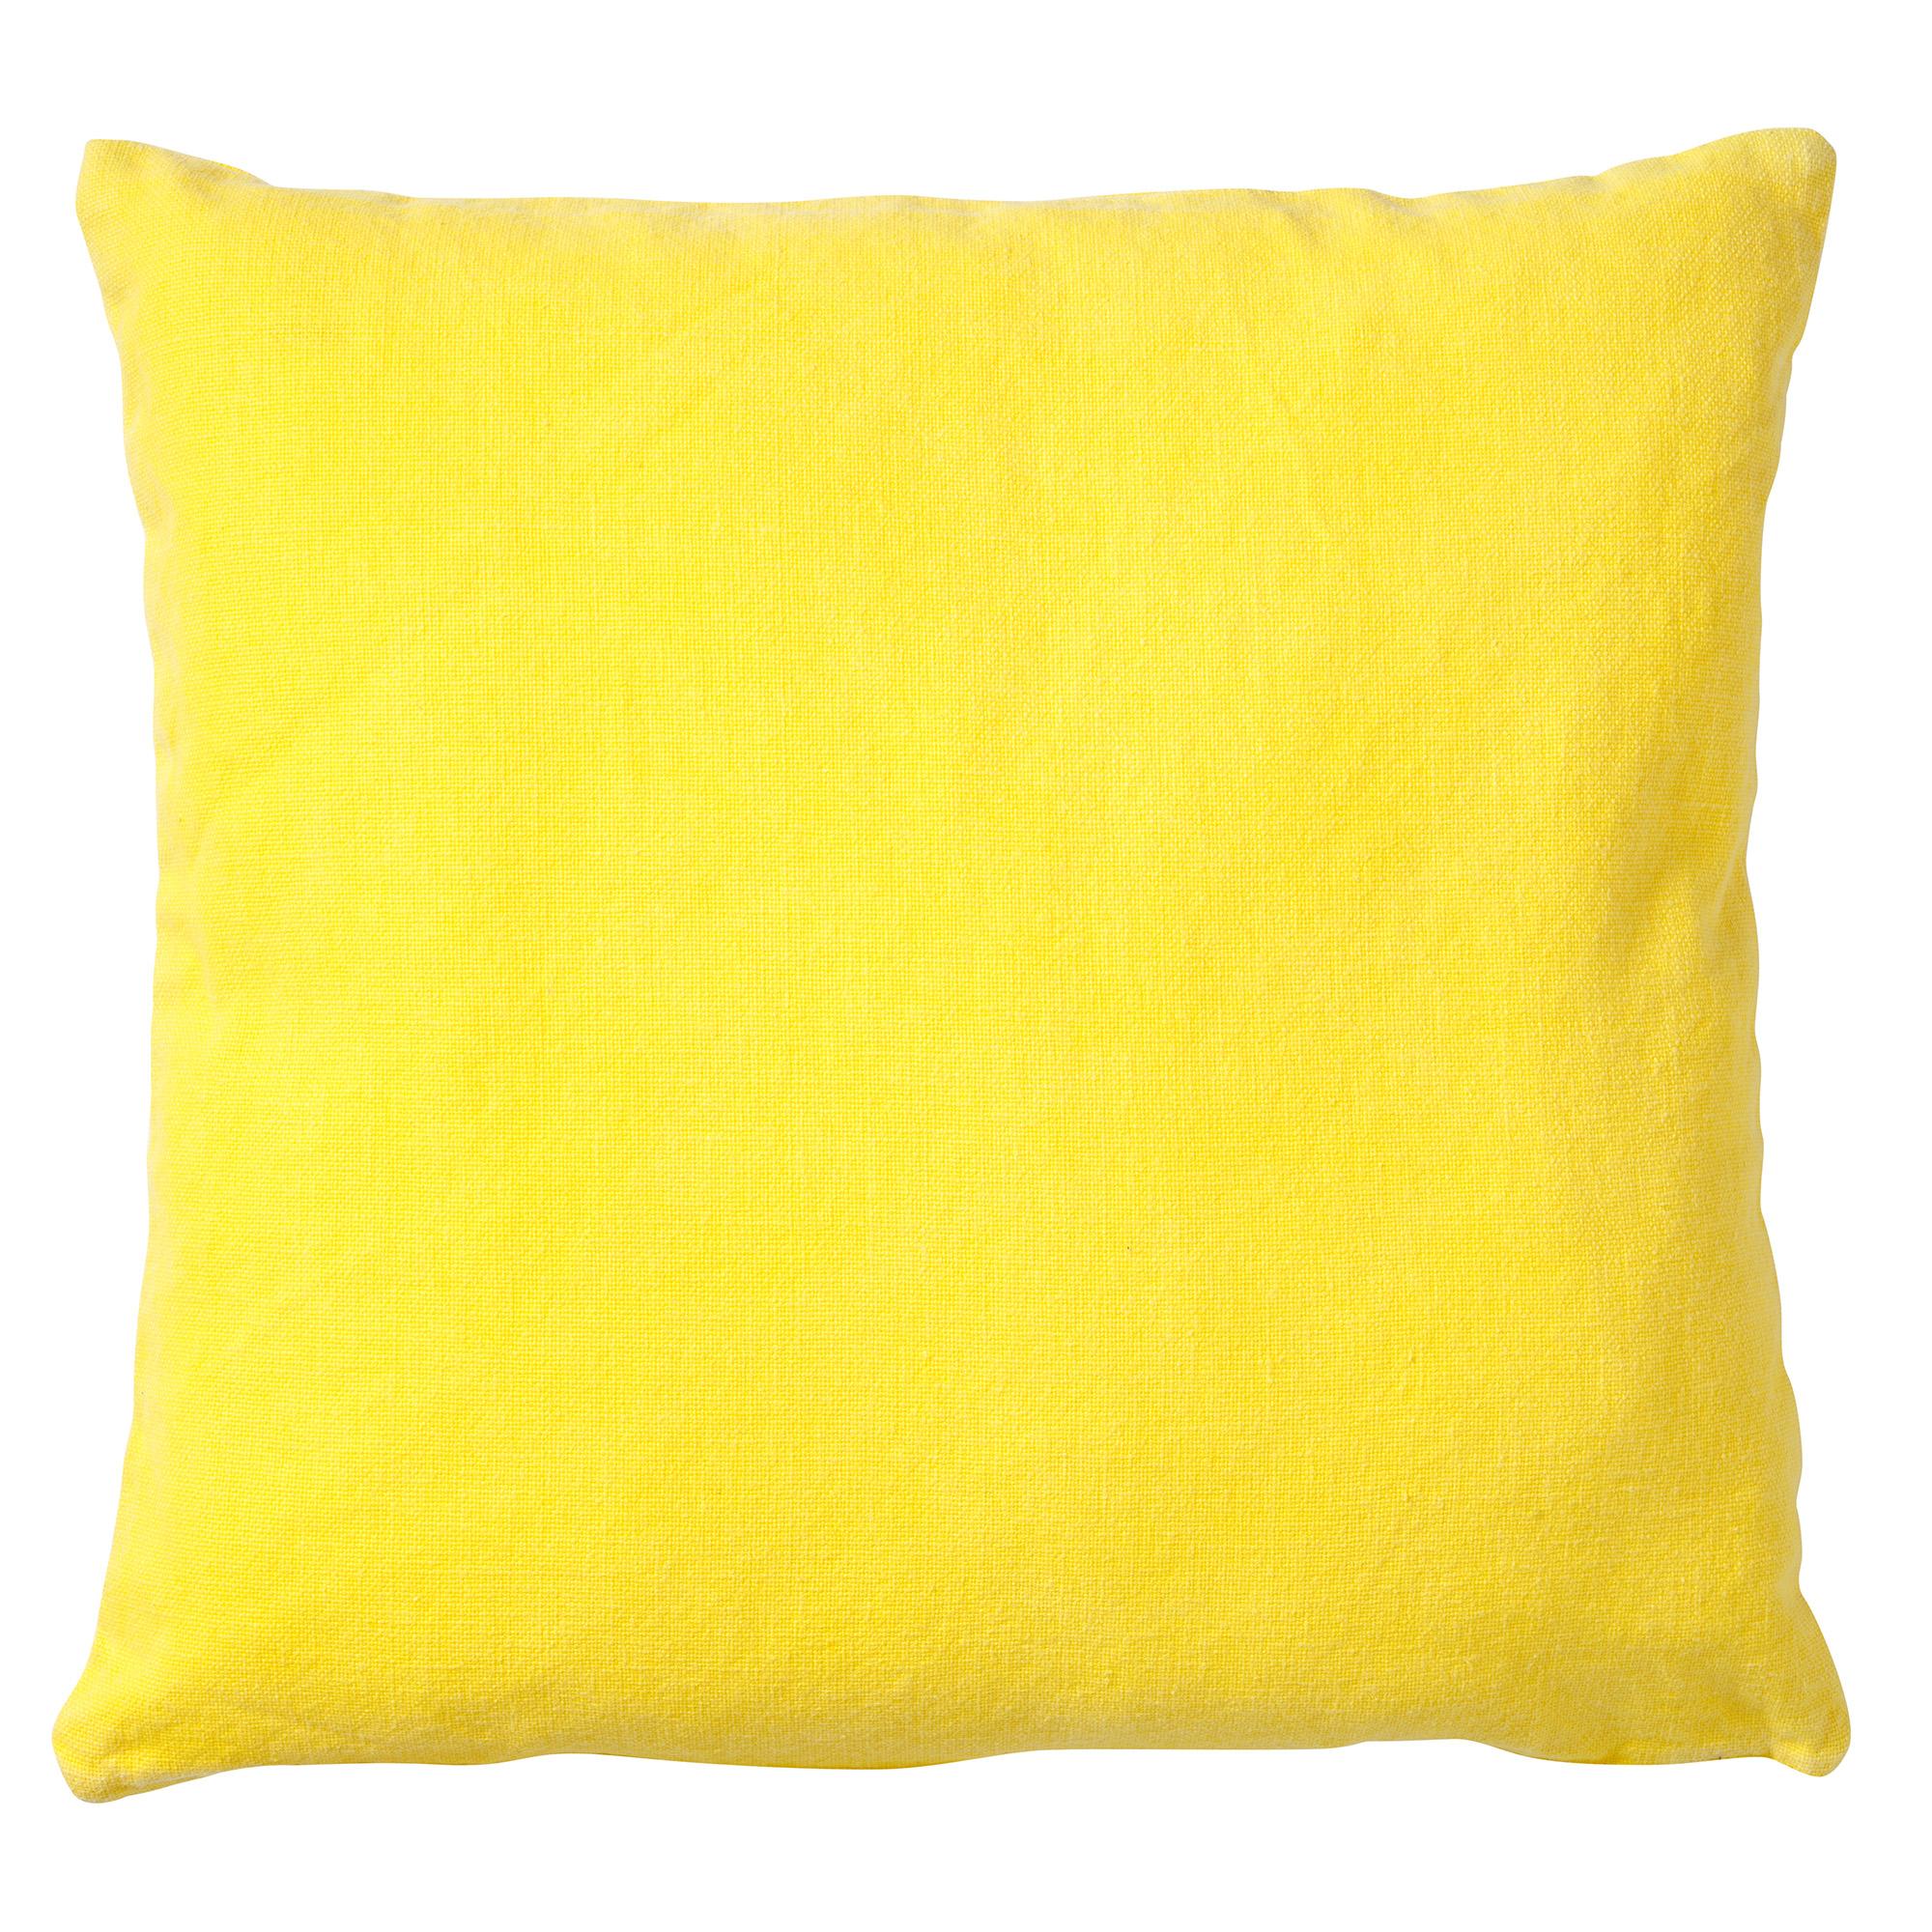 ANNA - Sierkussen geel 50x50 cm